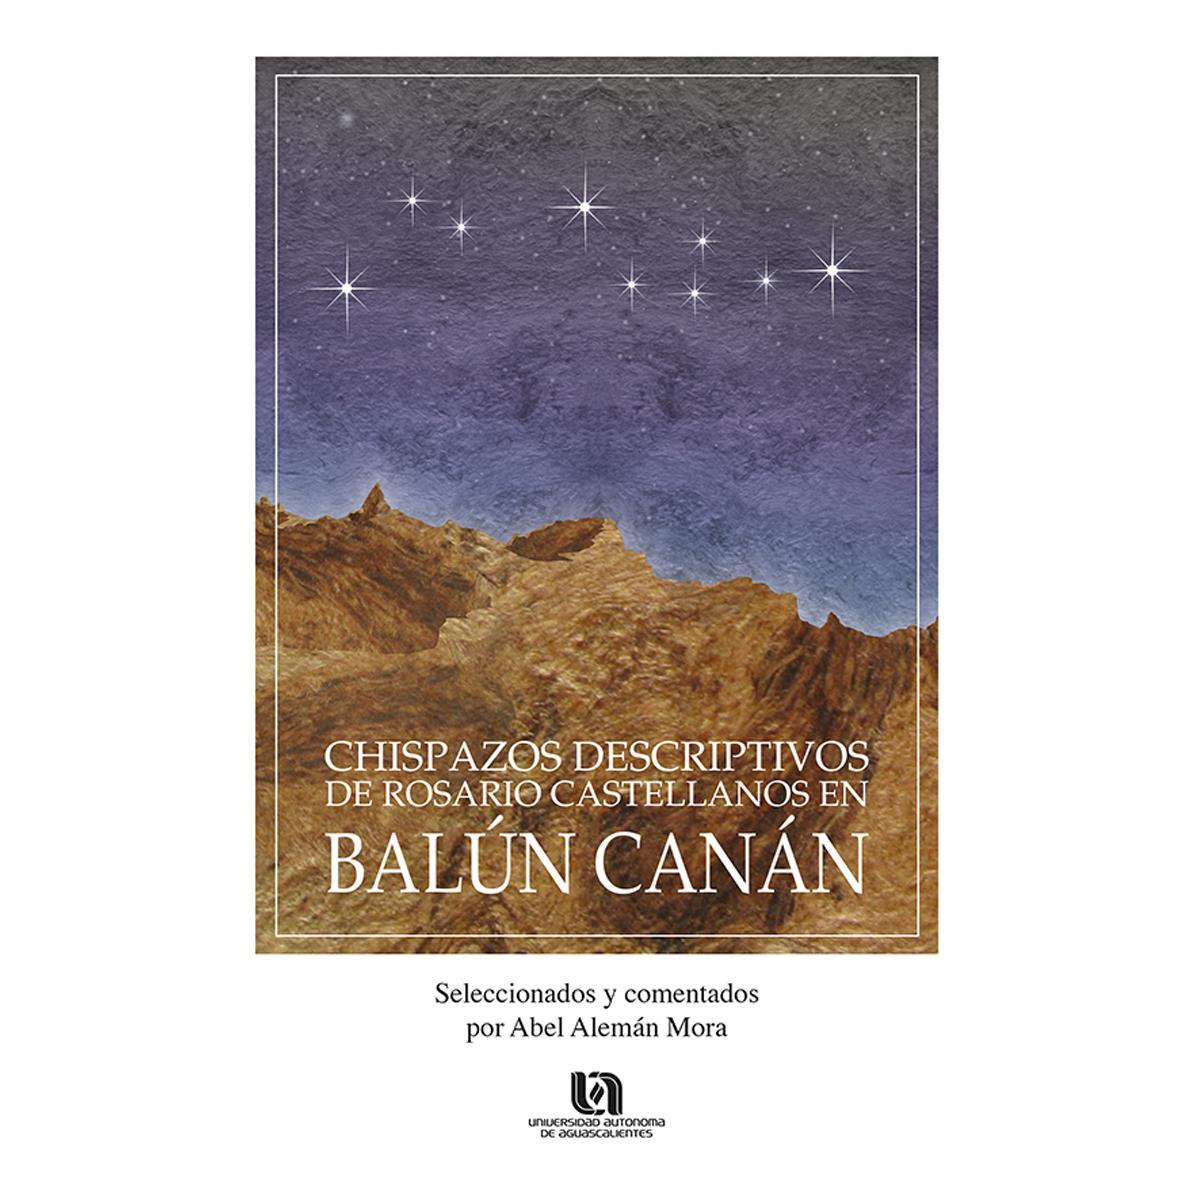 Chispazos descriptivos de Rosario Castellanos en Balun Canan